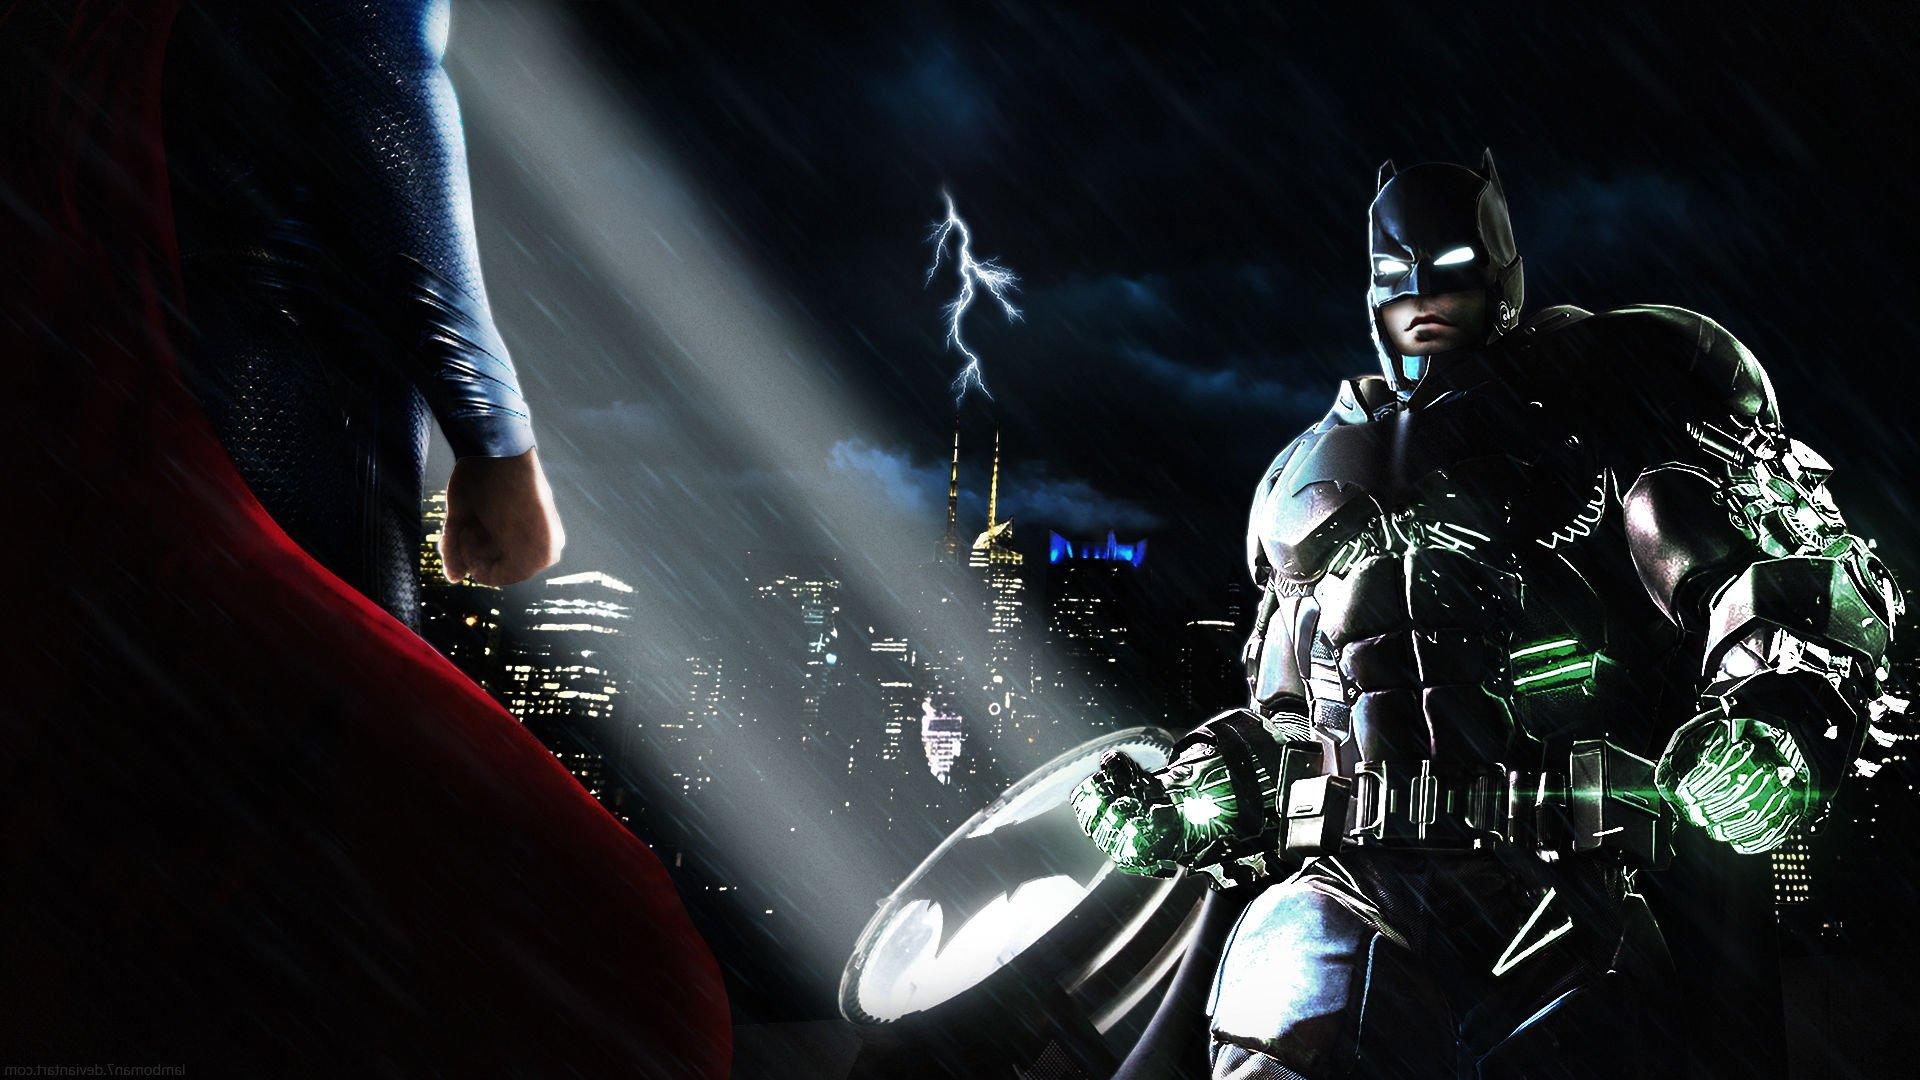 BATMAN V SUPERMAN Adventure Action Batman Superman Dawn Justice Wallpaper